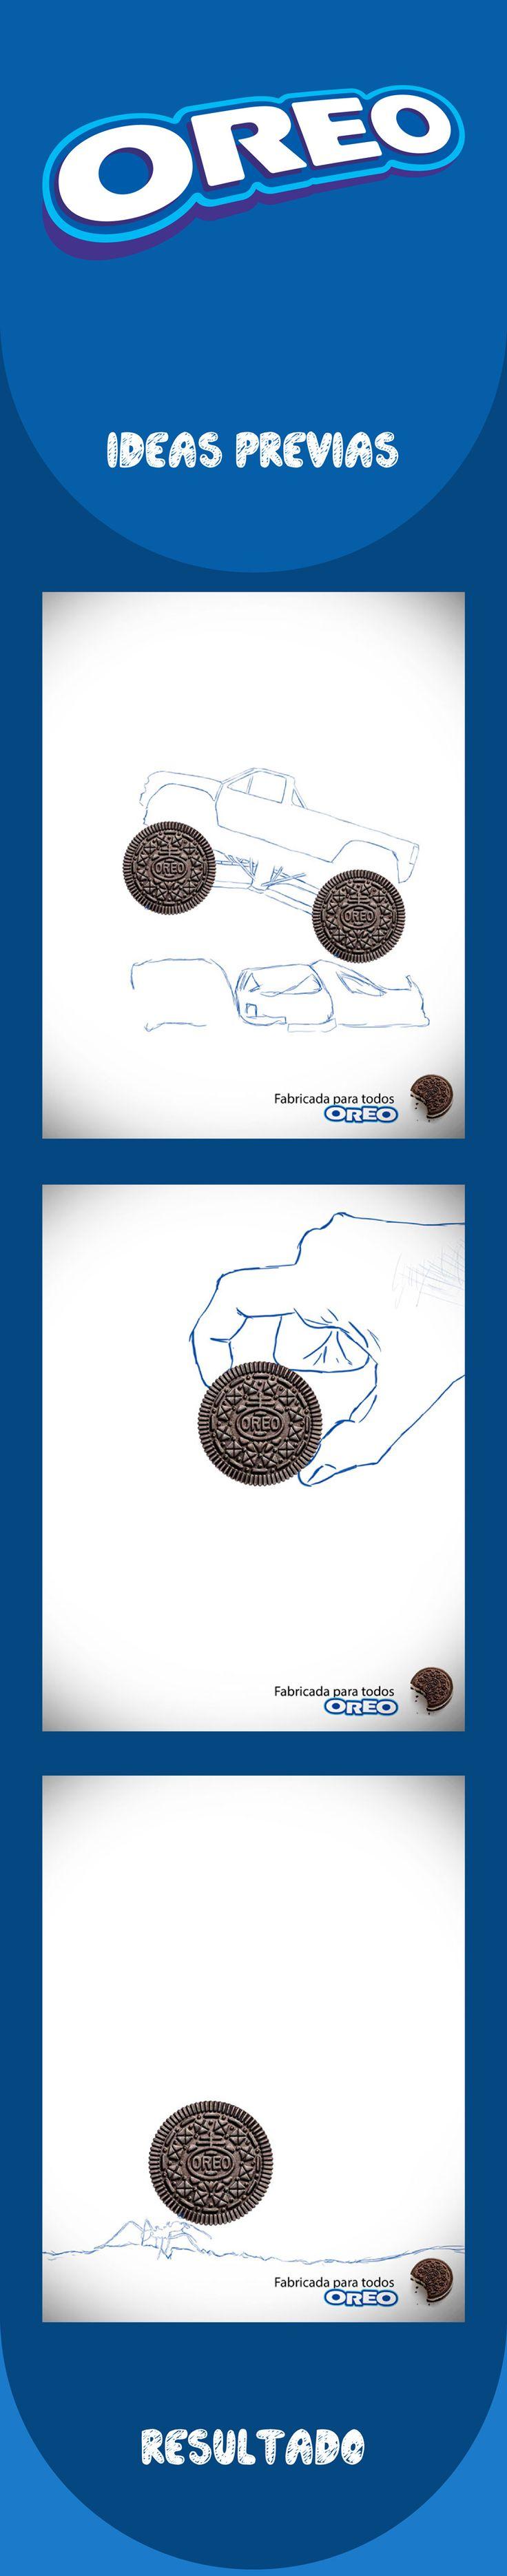 Oreo es una marca reconocida a nivel mundial, su sabor es tan famoso como las 7 maravillas del mundo moderno.